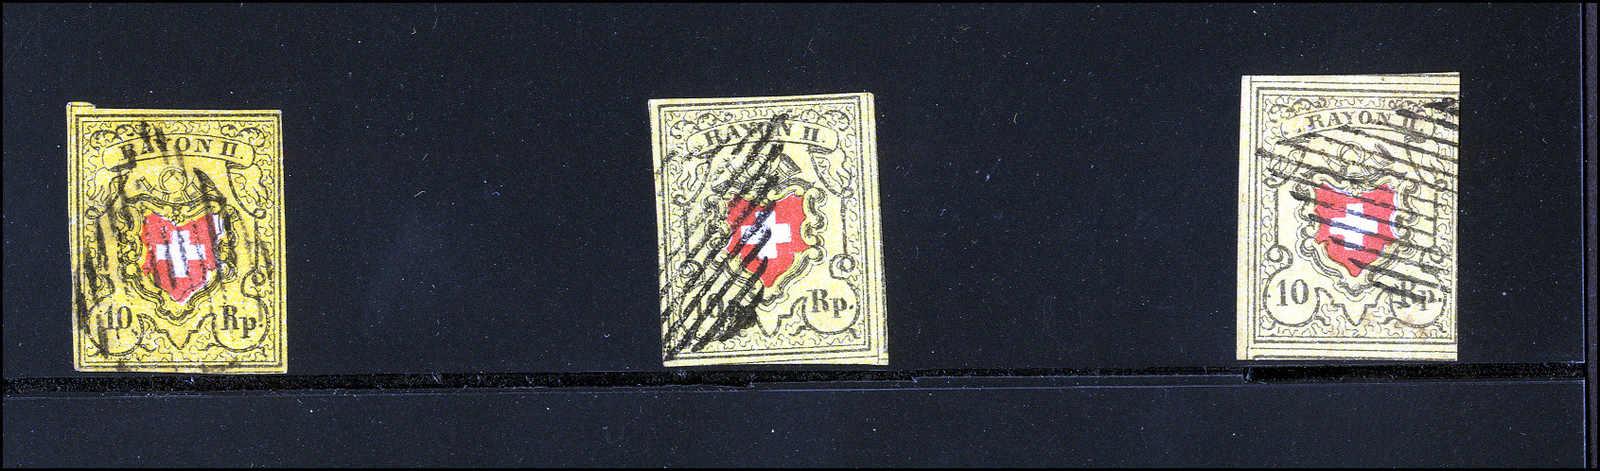 Lot 14 - sammlungen und posten sammlungen und posten altschweiz -  Rolli Auctions Auction #68 Day 1